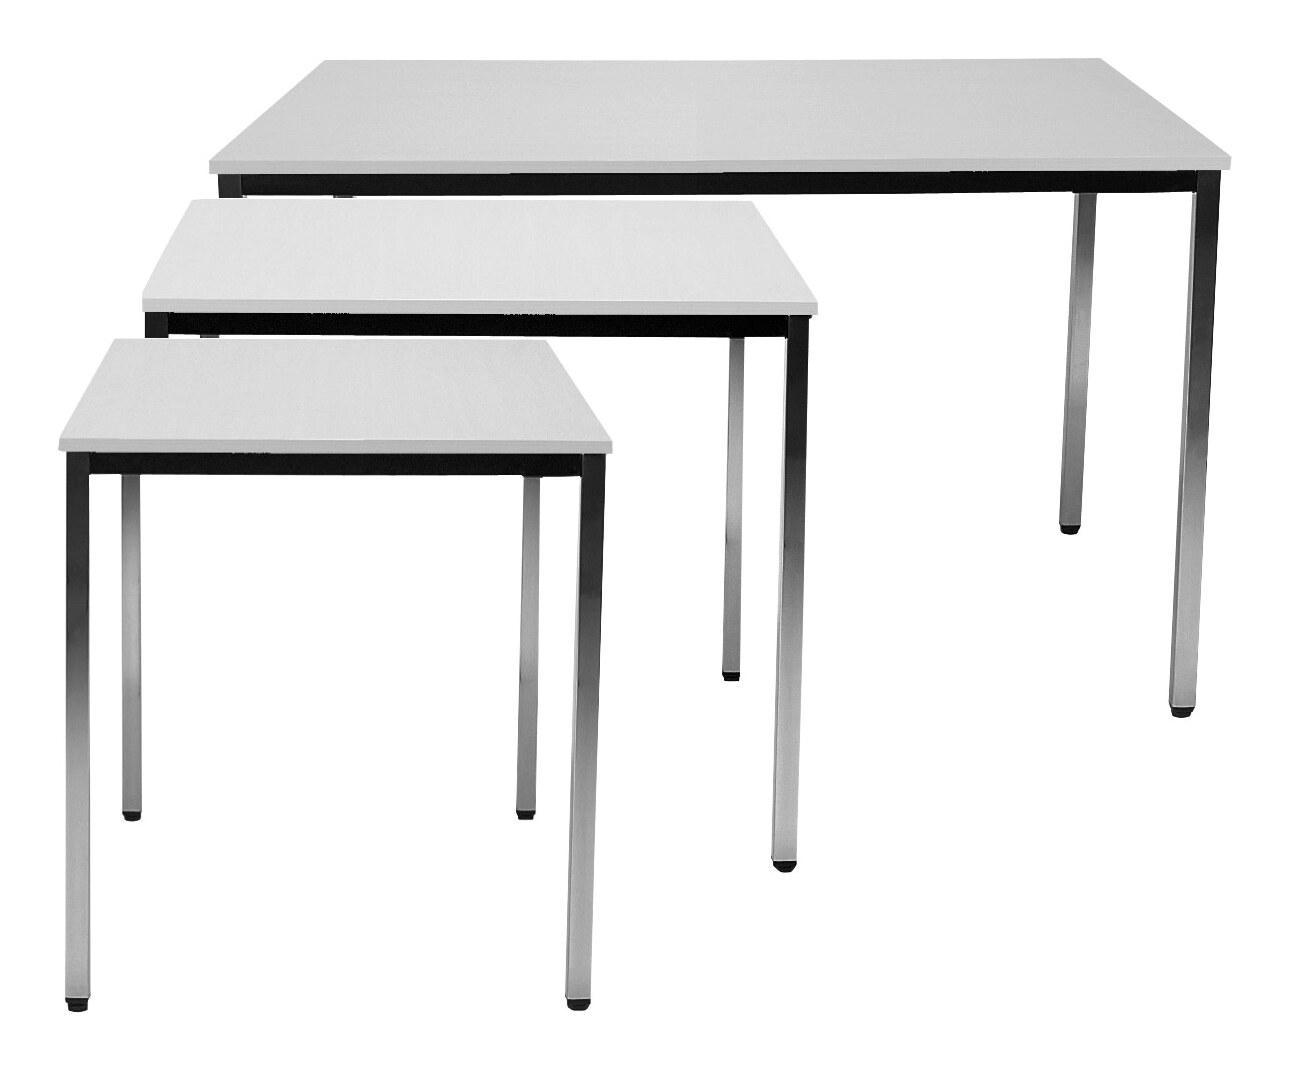 Tisch 1400x800 mm chrom/lichtgrau - Simp140x80CL